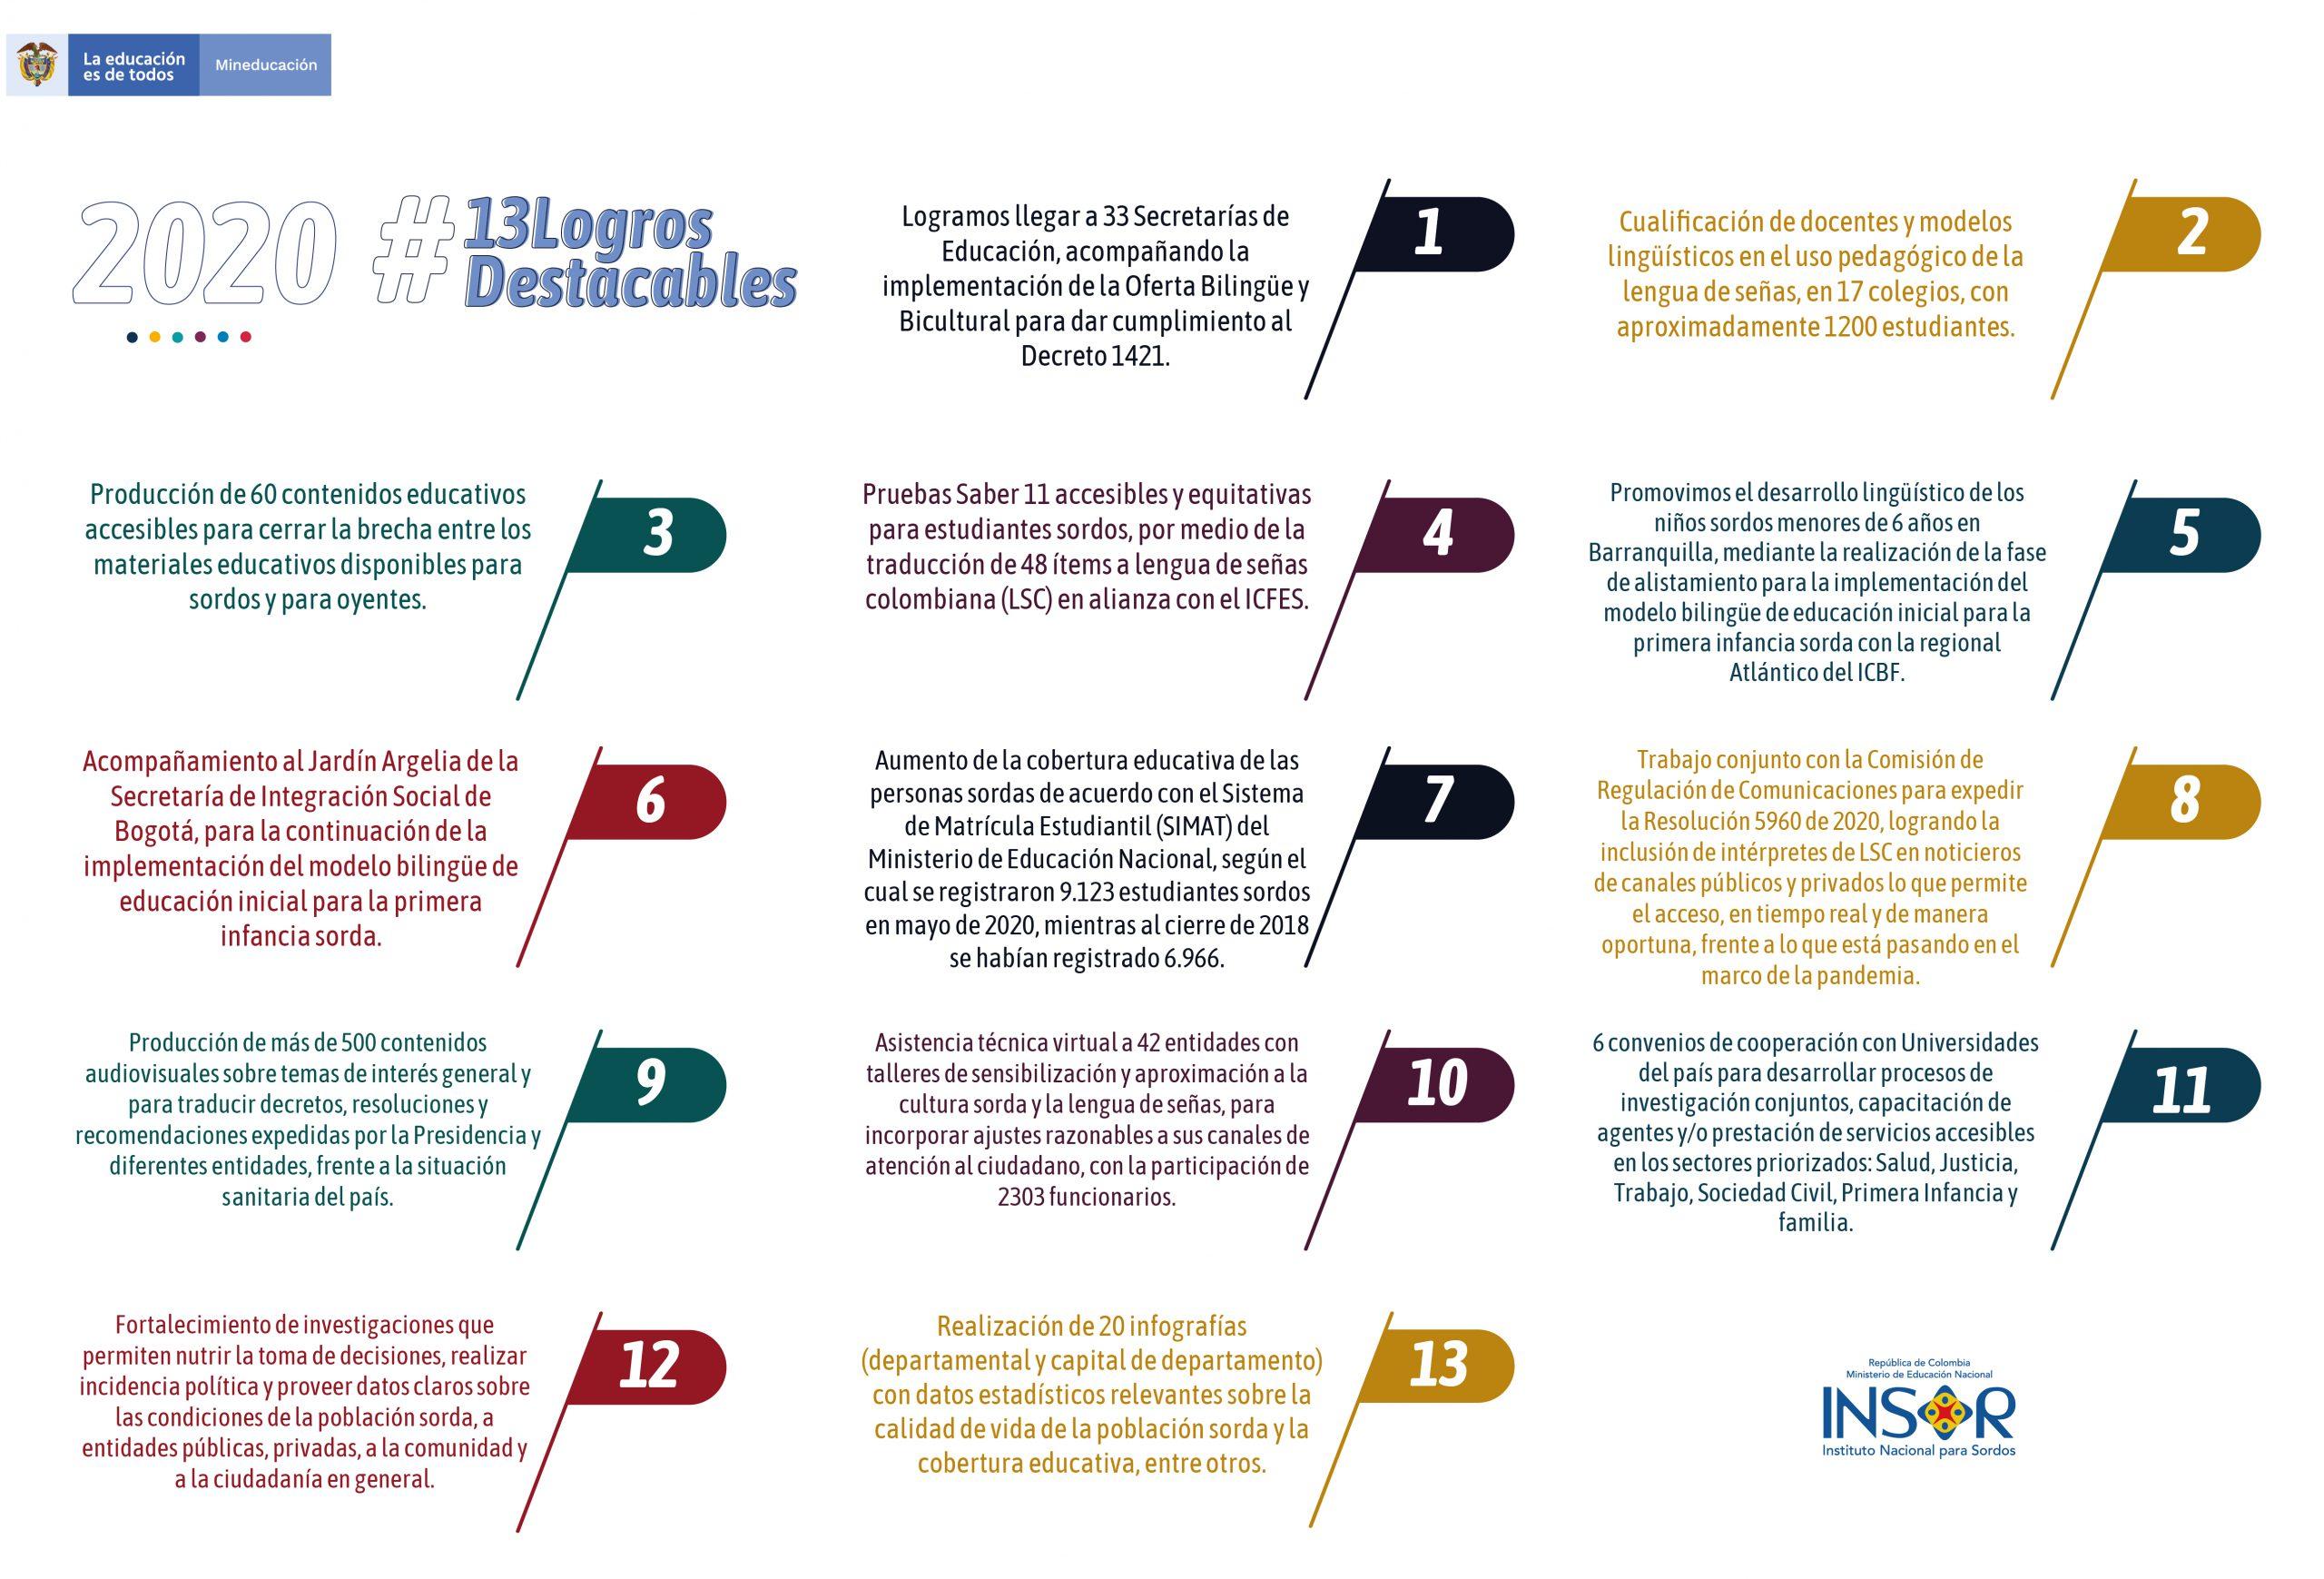 13 logros destacables del INSOR en el 2020